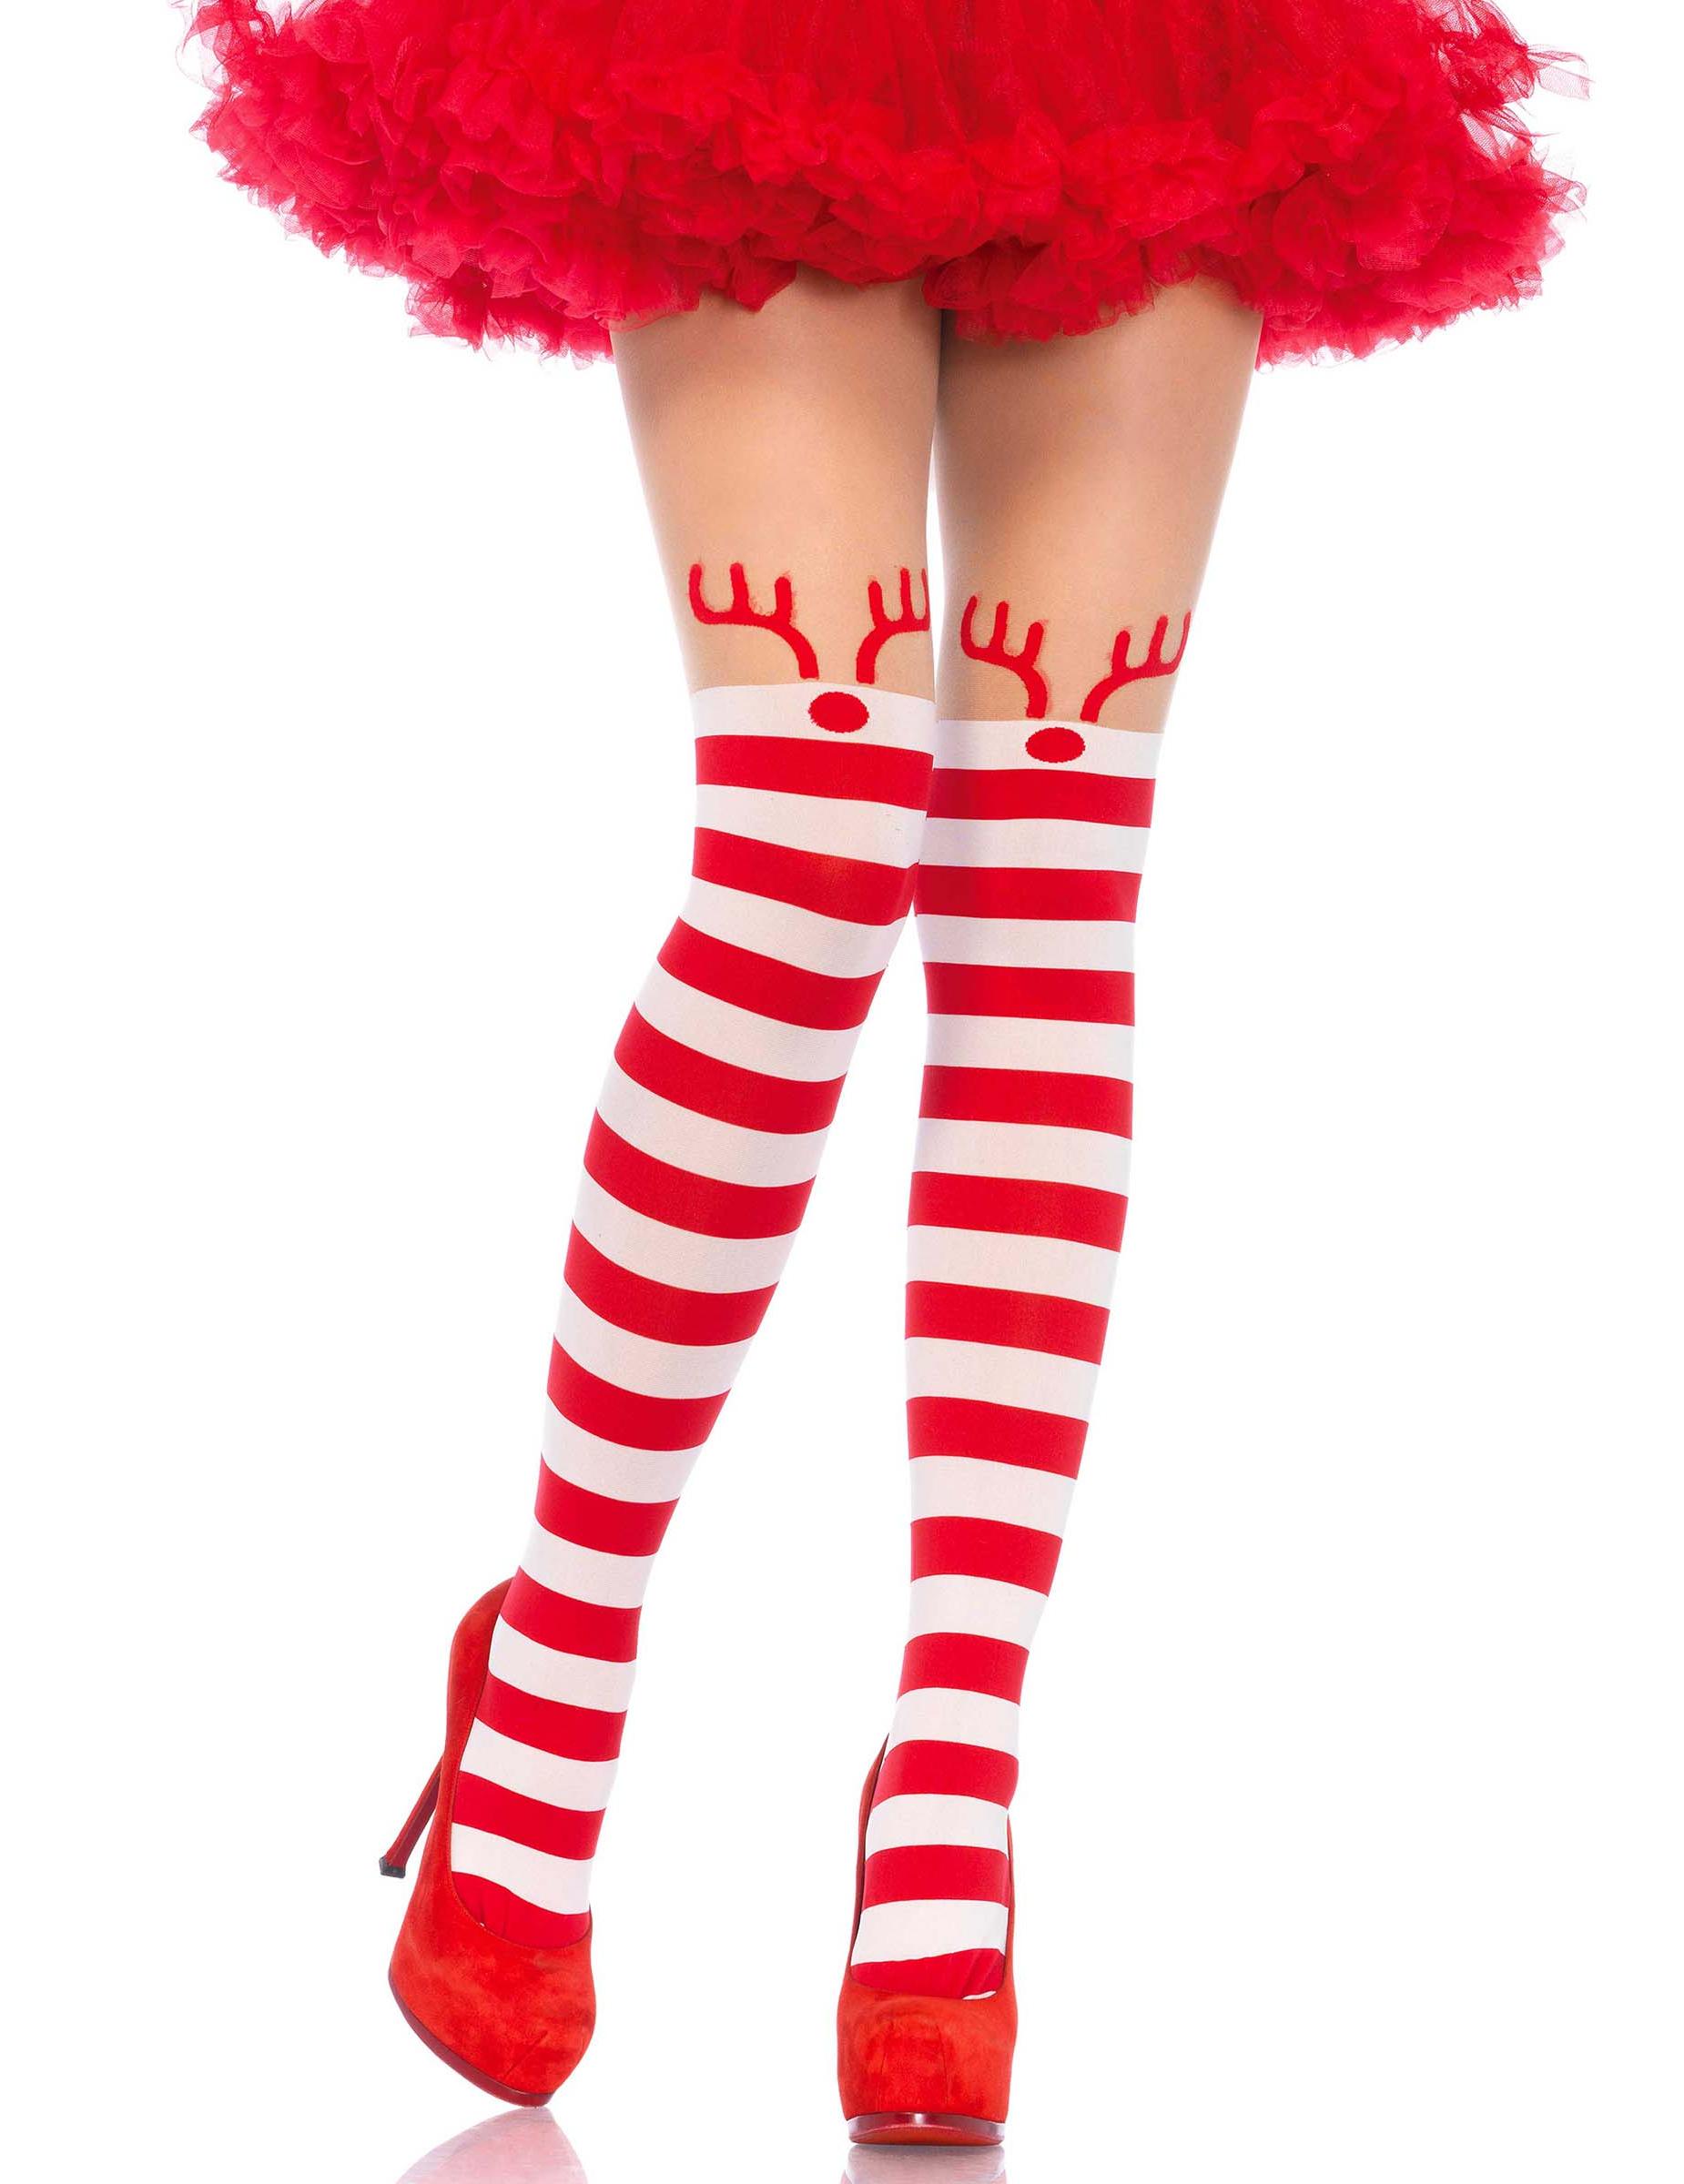 Collant Noel Collants rayés rouge et blancs petit renne femme : Deguise toi